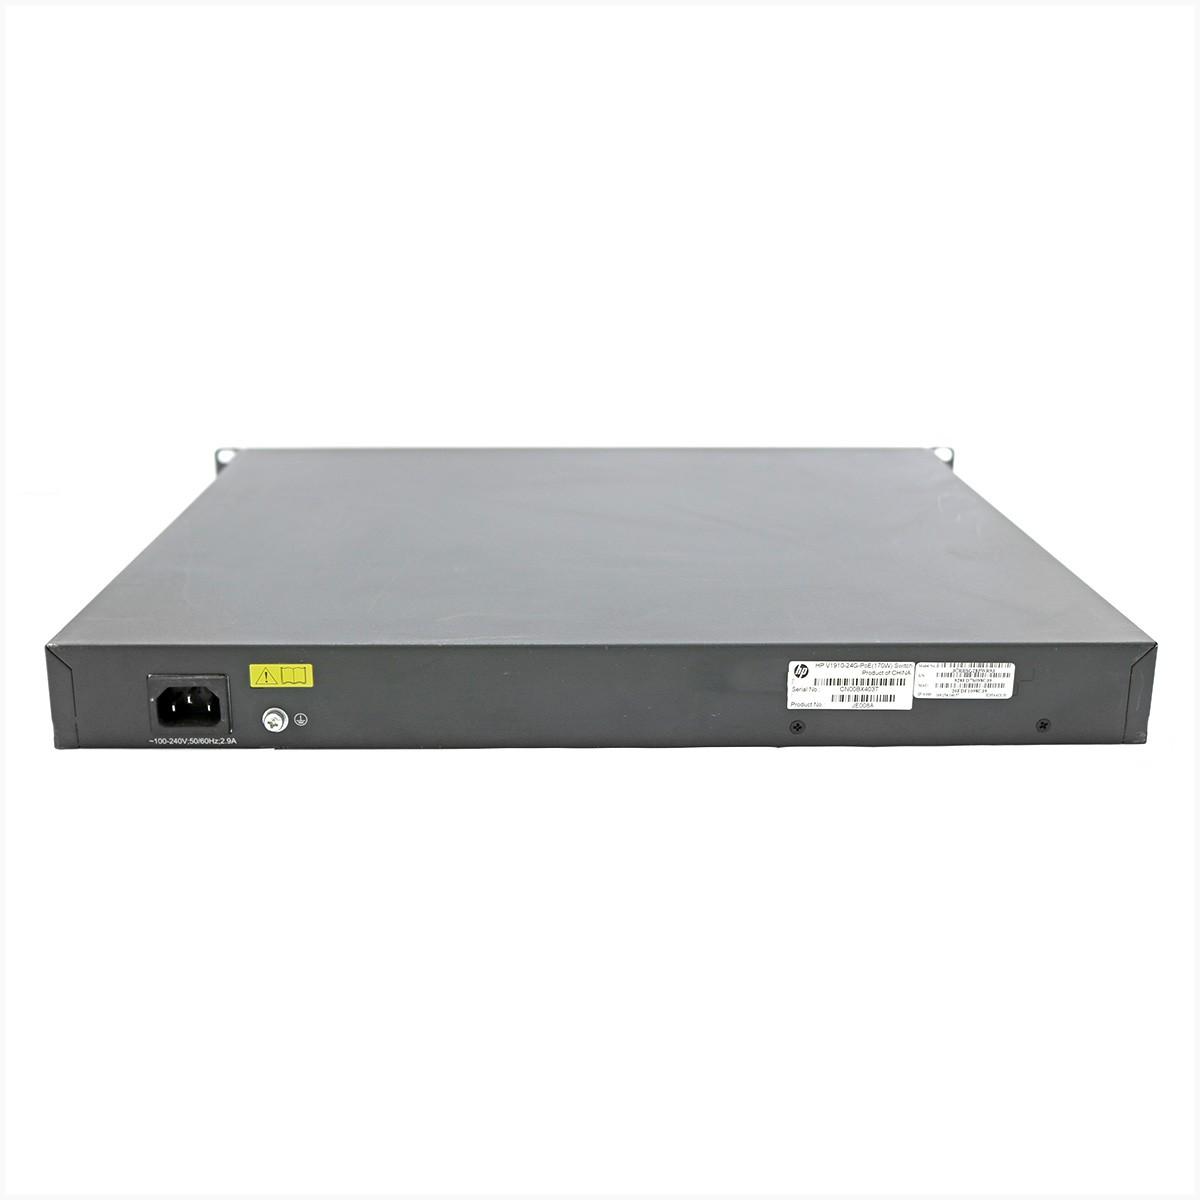 Switch 3com 3crbsg28pwr93 24 portas gigabit - usado